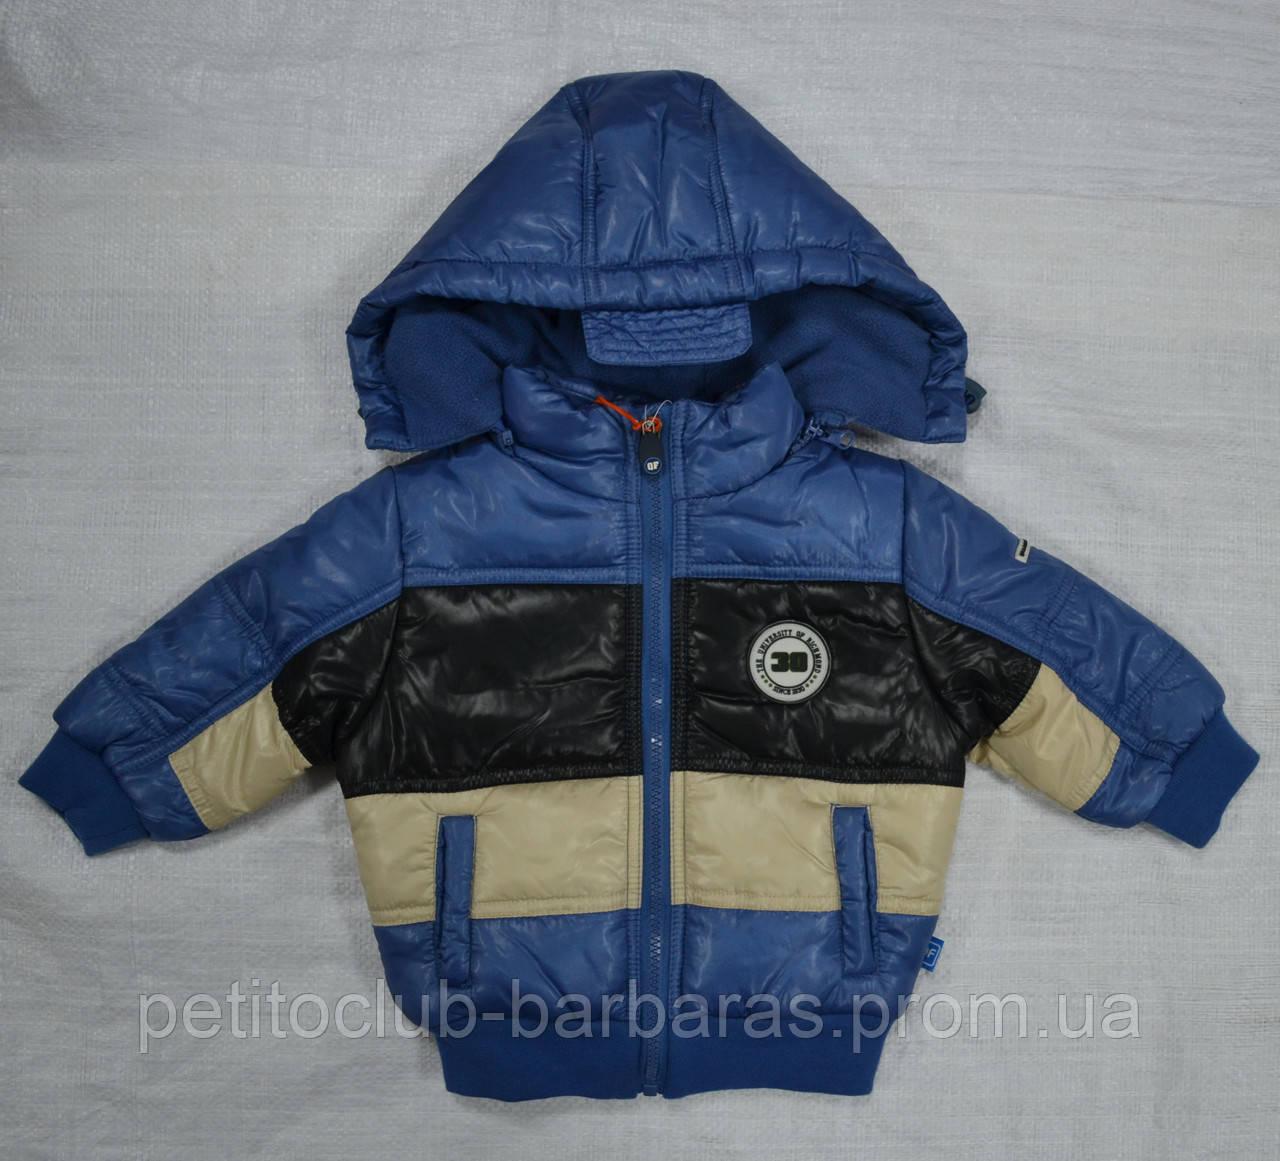 Куртка  для мальчика голубая (QuadriFoglio, Польша)